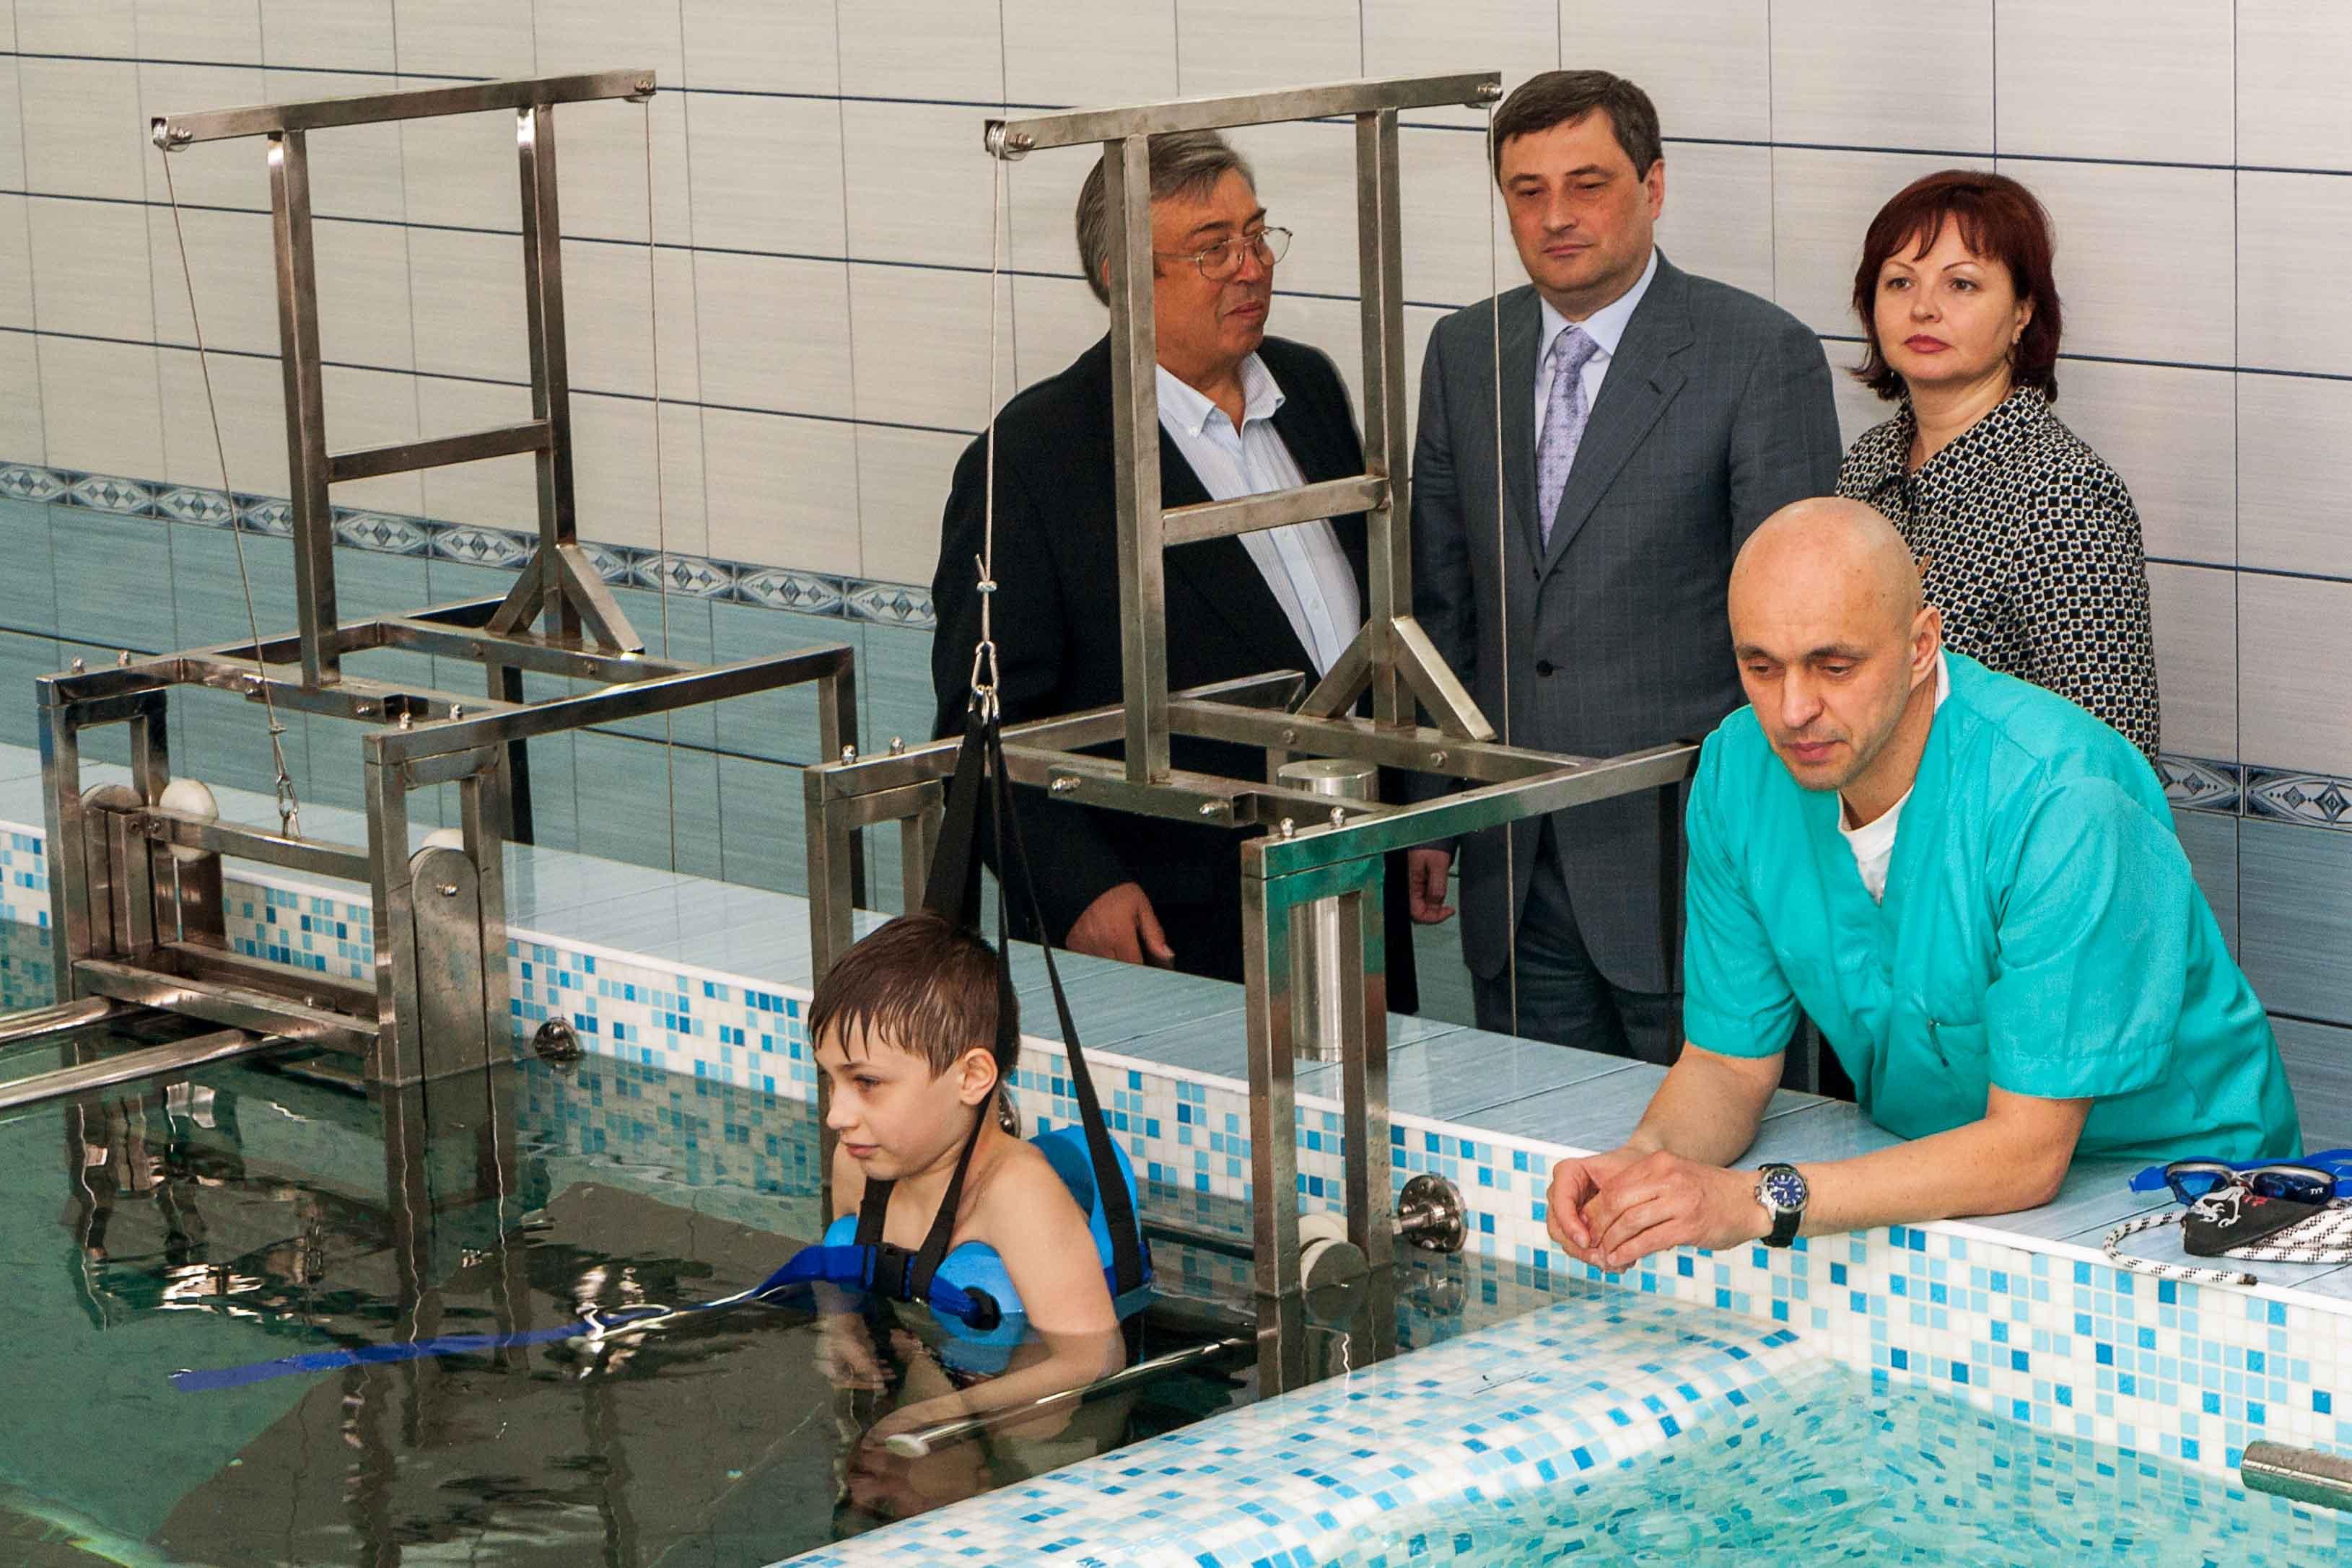 Chico discapacitado rehabilitándose en una piscina